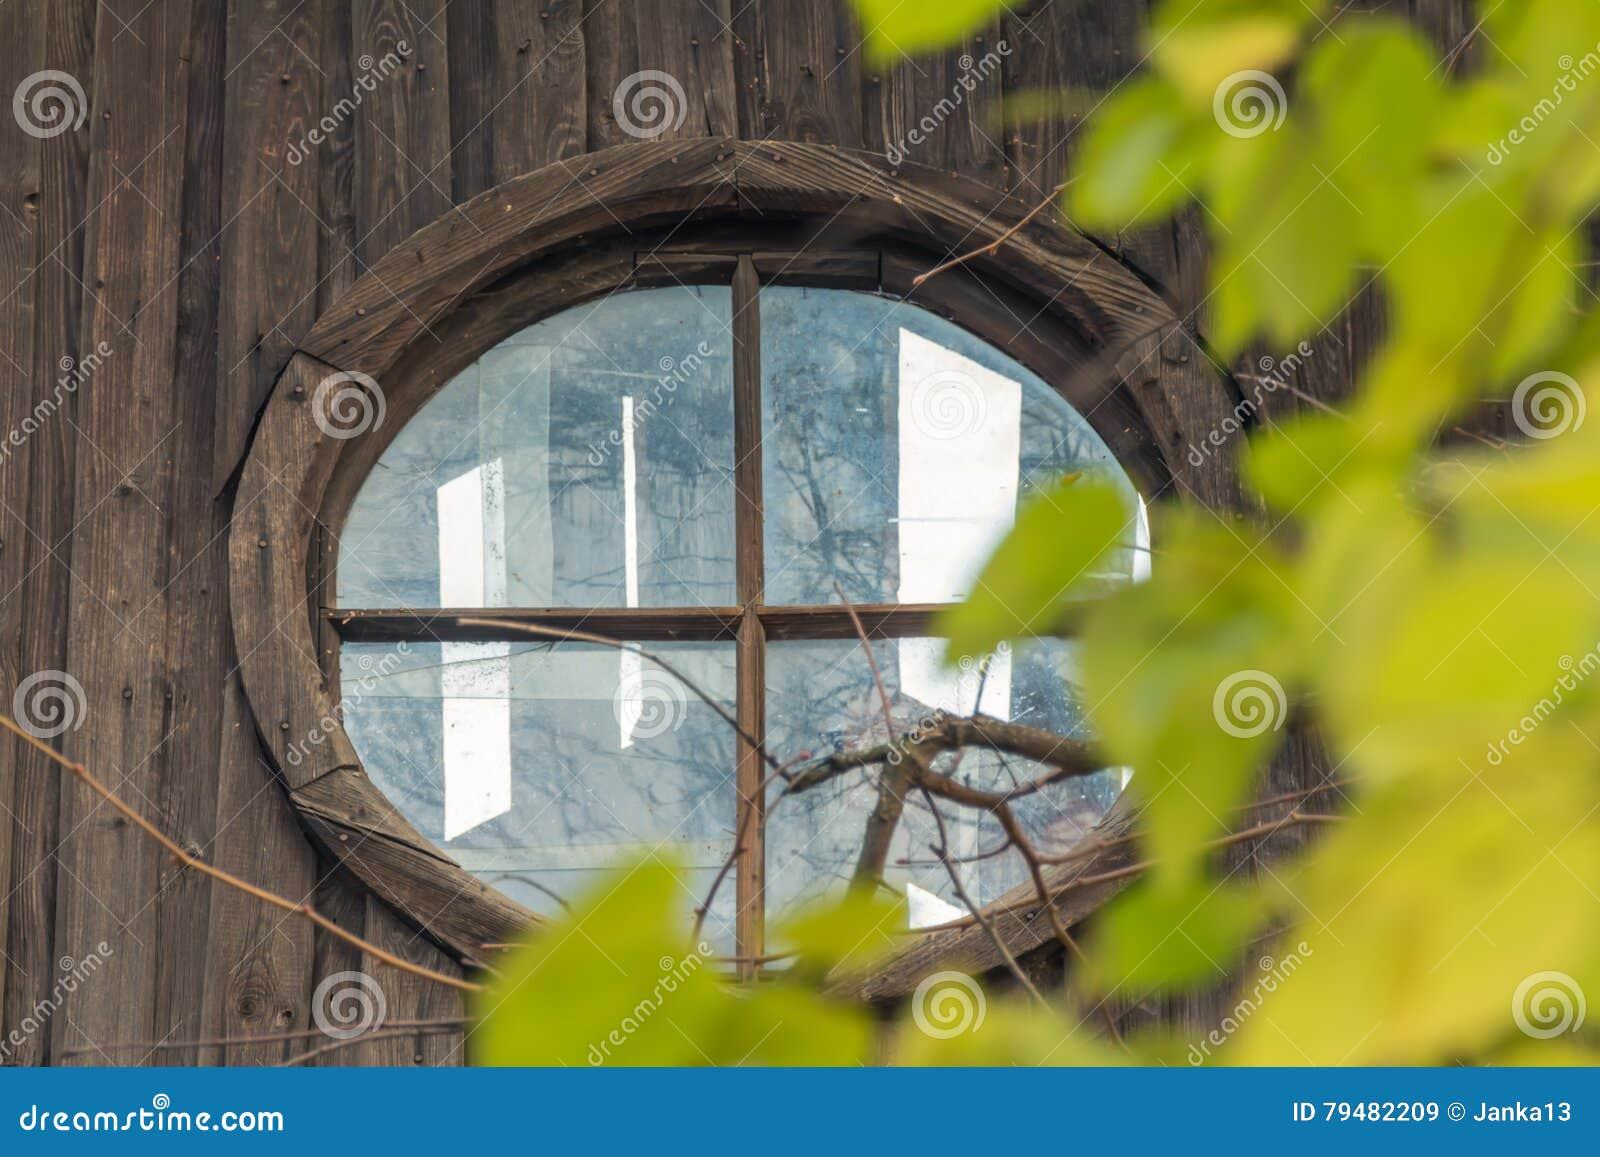 Ventana del ático en casa abandonada